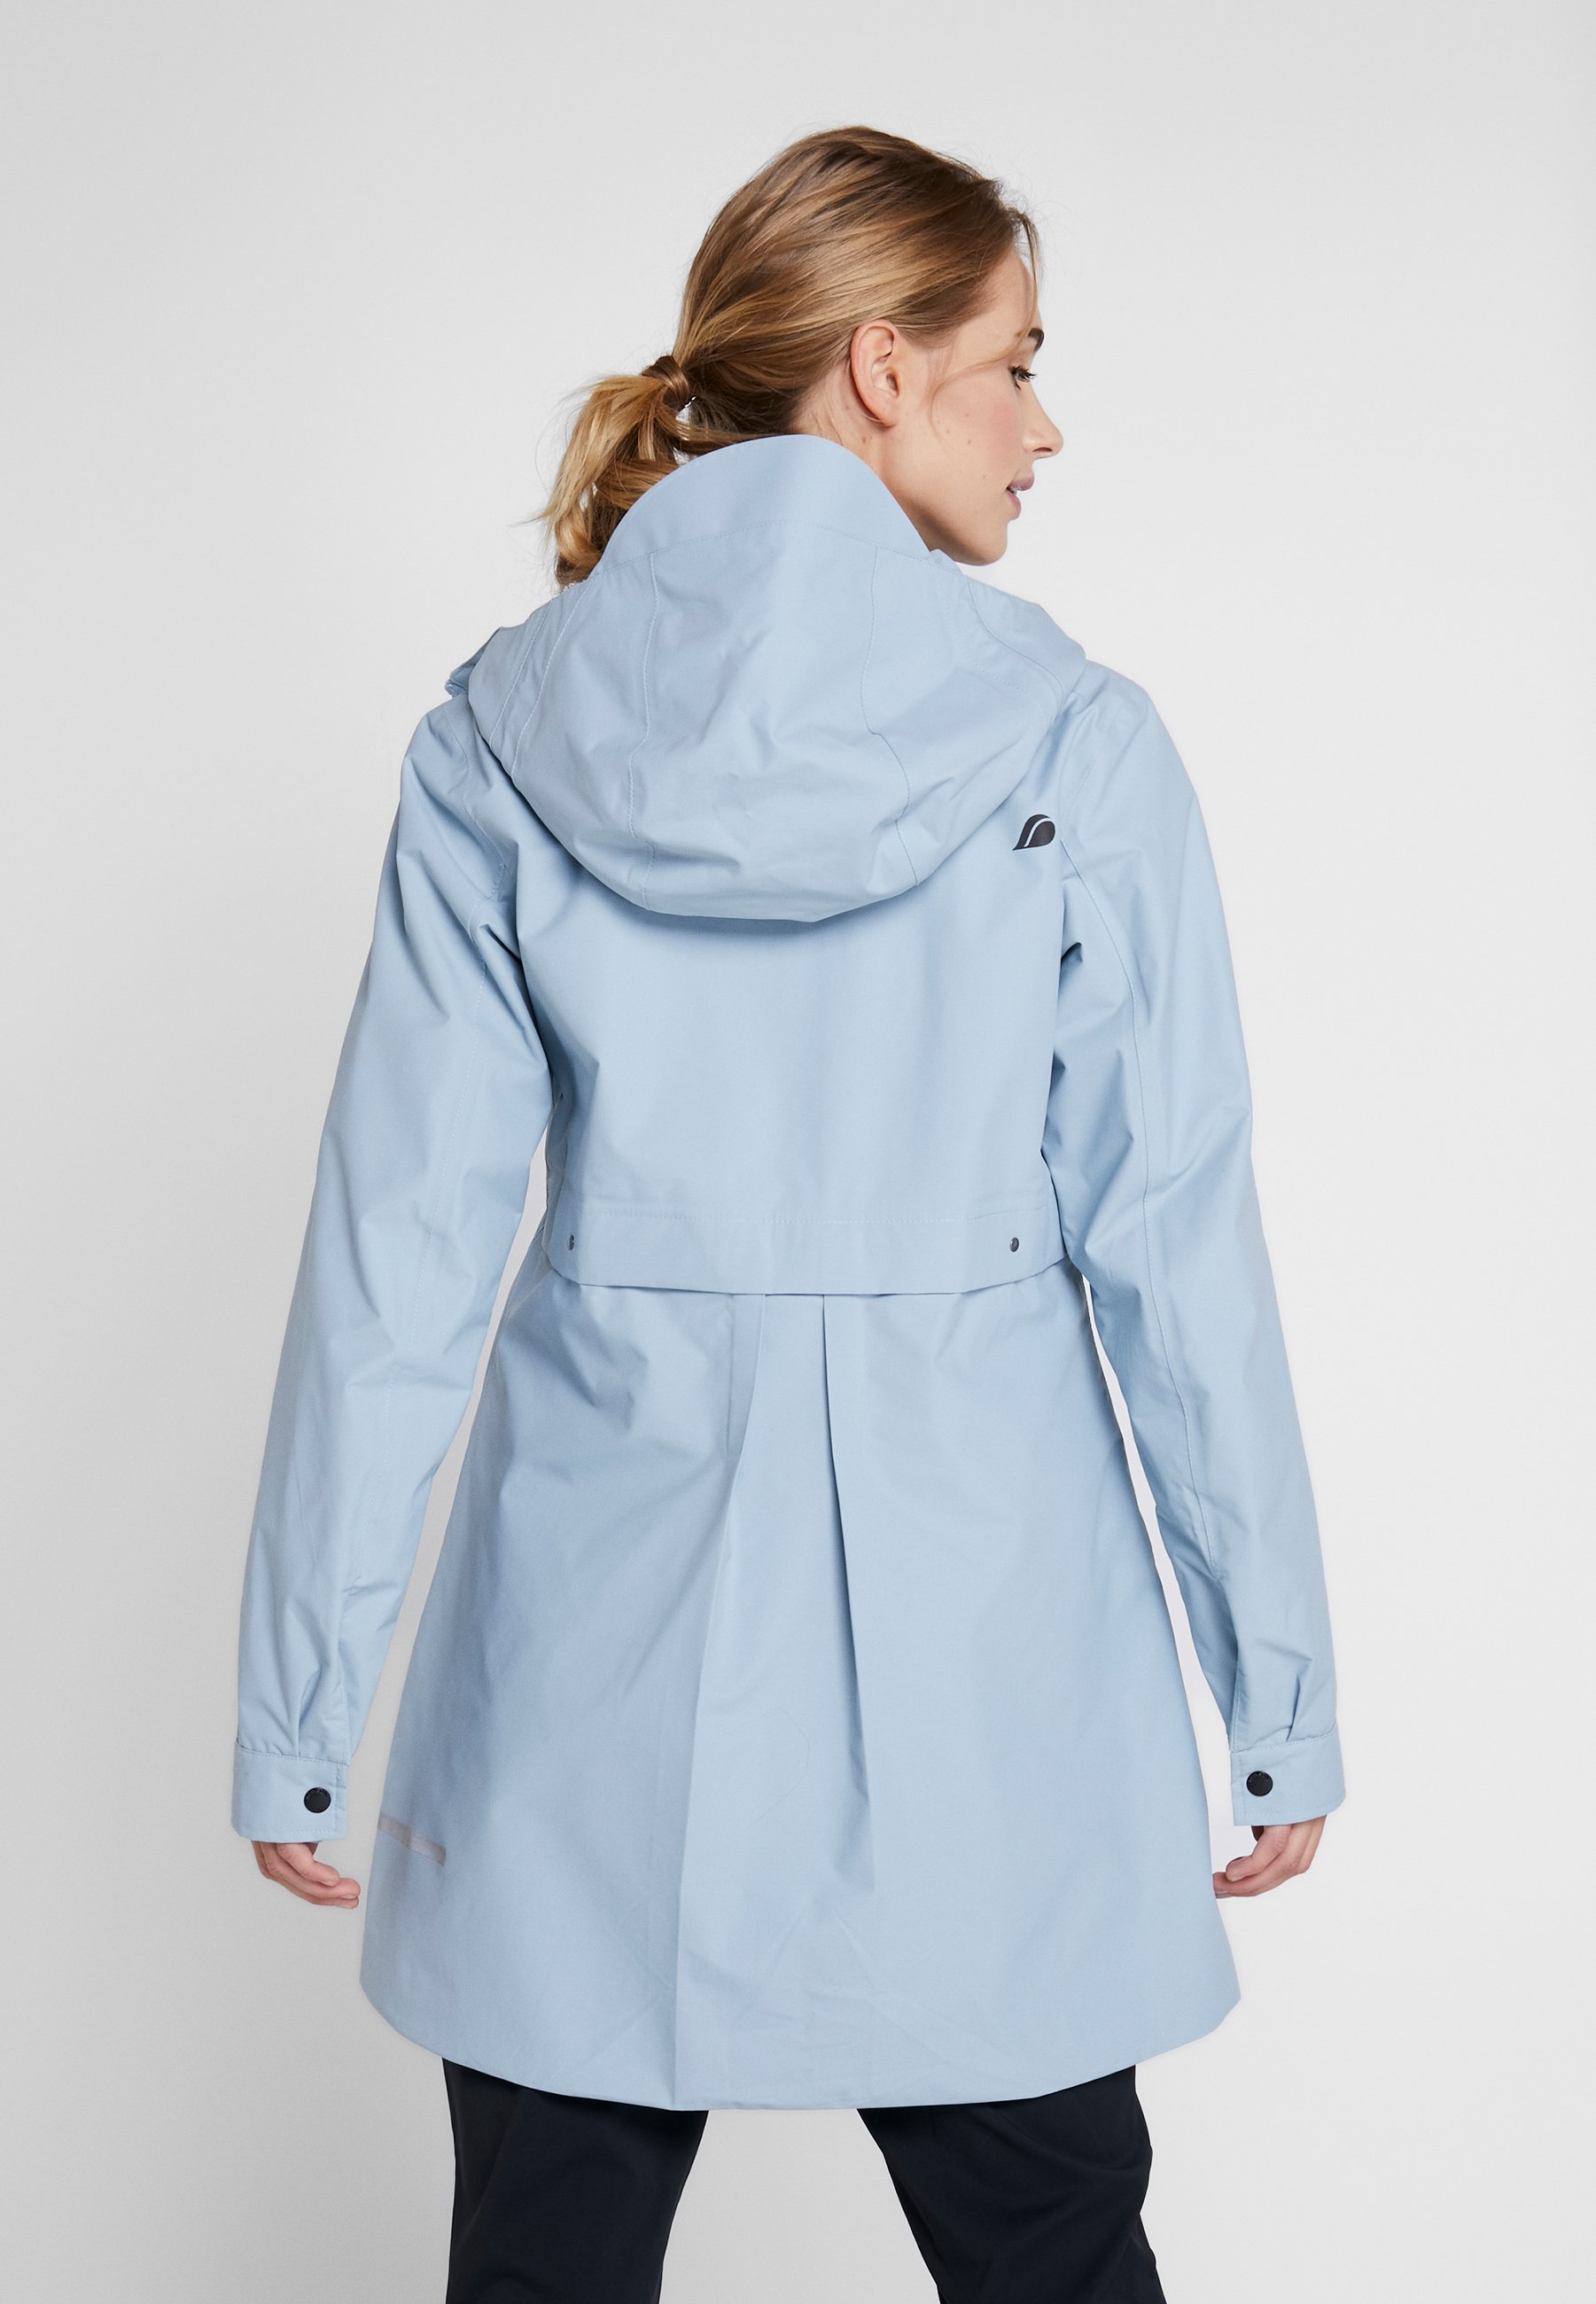 Didriksons Miranda Women's Parka - Regnjacka Cloud Blue